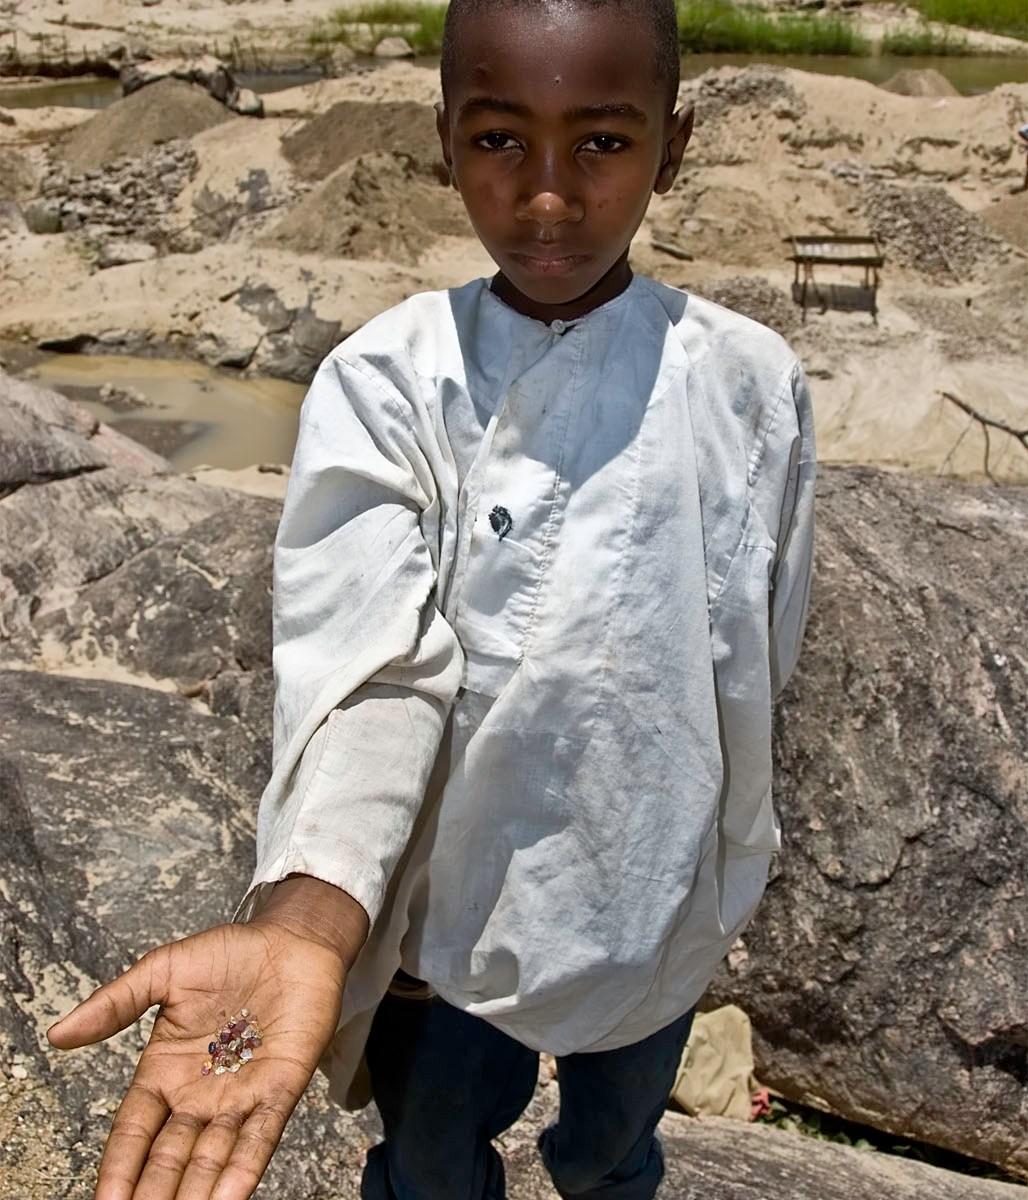 Boy in Tanzania